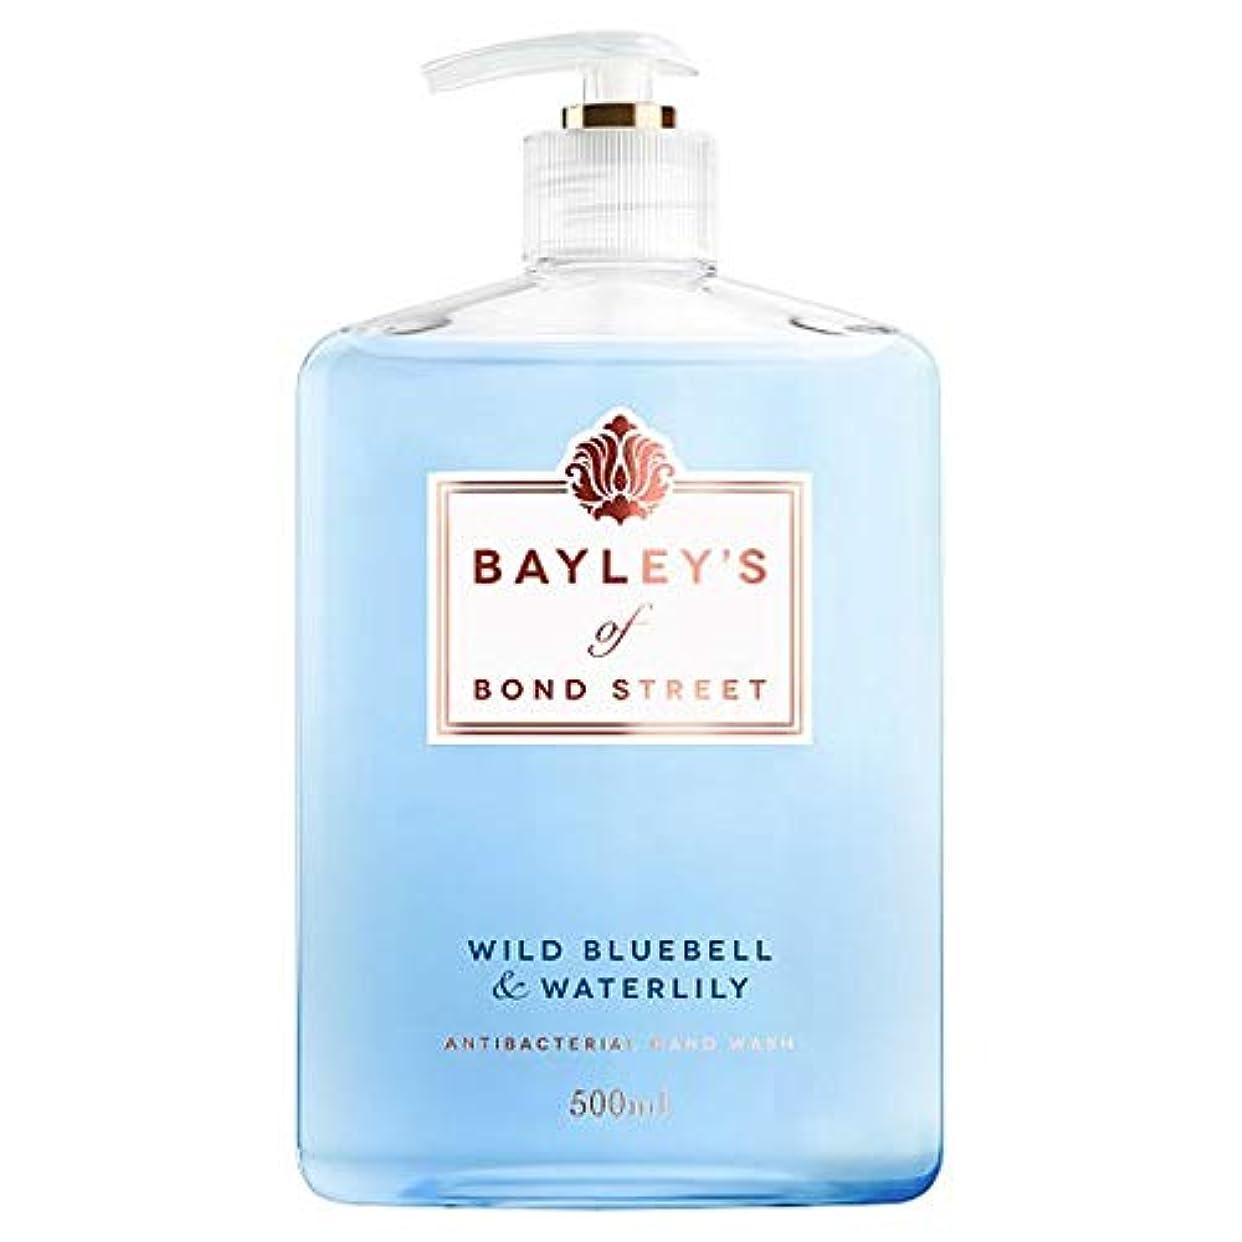 仲間、同僚式エジプト人[Pz Cussons] ベイリーのボンドストリートブルーベルの手洗いの500ミリリットルの - Bayley's Of Bond Street Bluebell Handwash 500Ml [並行輸入品]